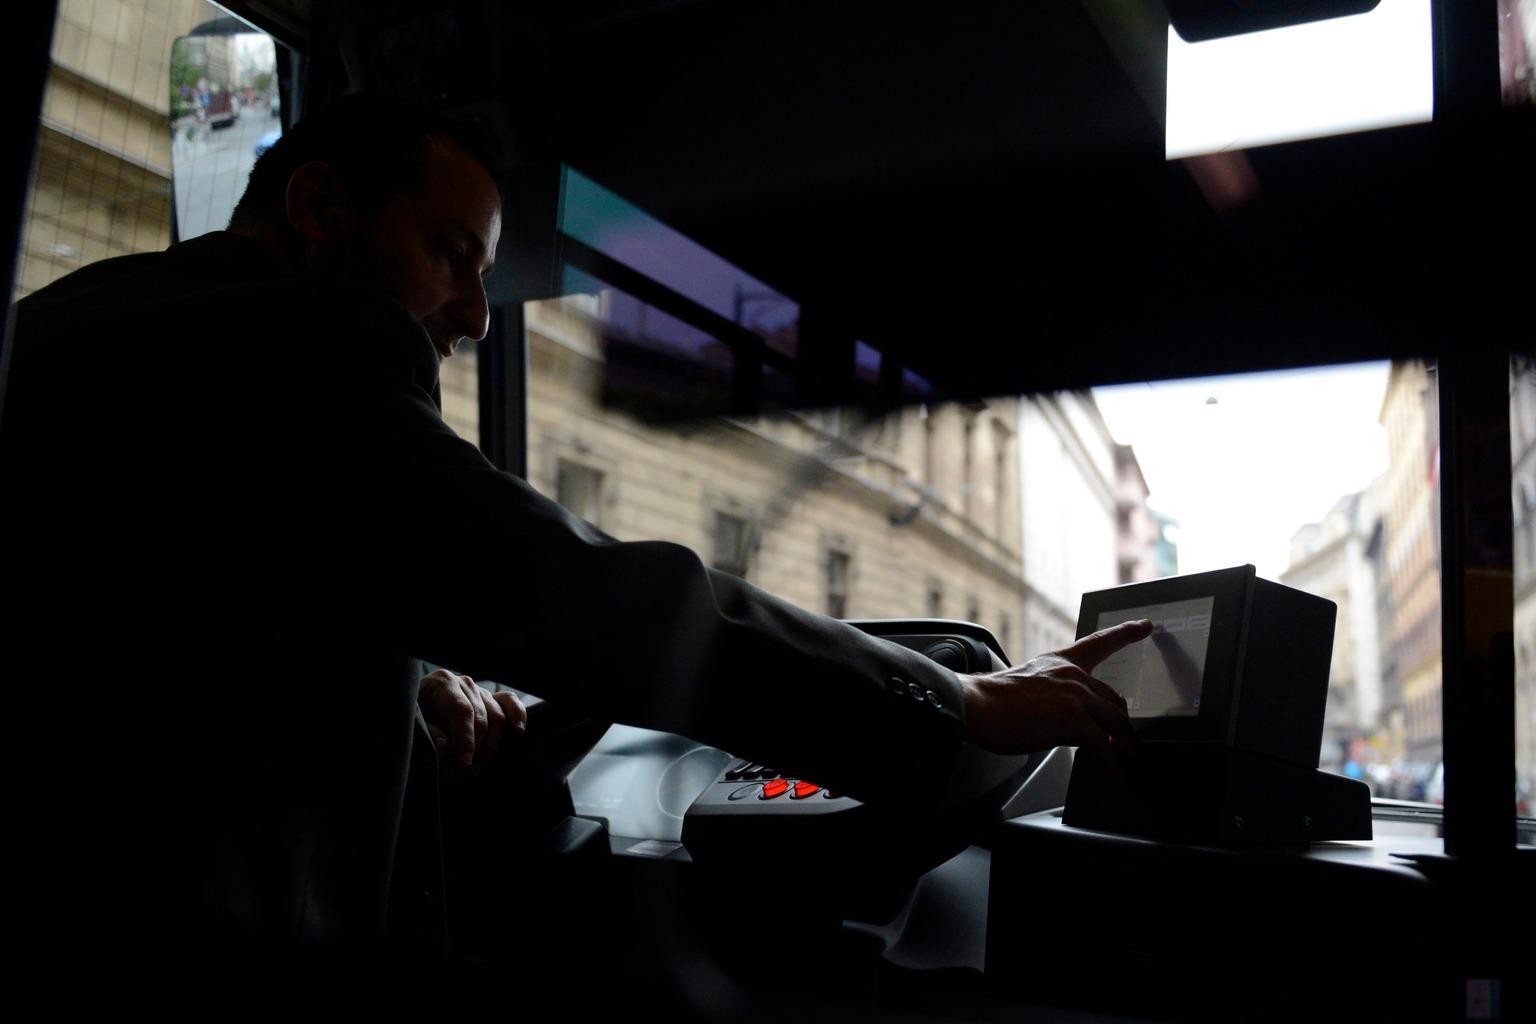 Budapest, 2014. október 1. Baki Béla buszvezető kezeli az információs rendszert egy 9-es BKV-buszon a Futár forgalomirányítási és utastájékoztatási rendszer kiépítésének befejezése alkalmából tartott sajtótájékoztatón a Budapesti Közlekedési Központ (BKK) fővárosi diszpécserközpontja előtt 2014. október 1-jén. MTI Fotó: Kovács Tamás